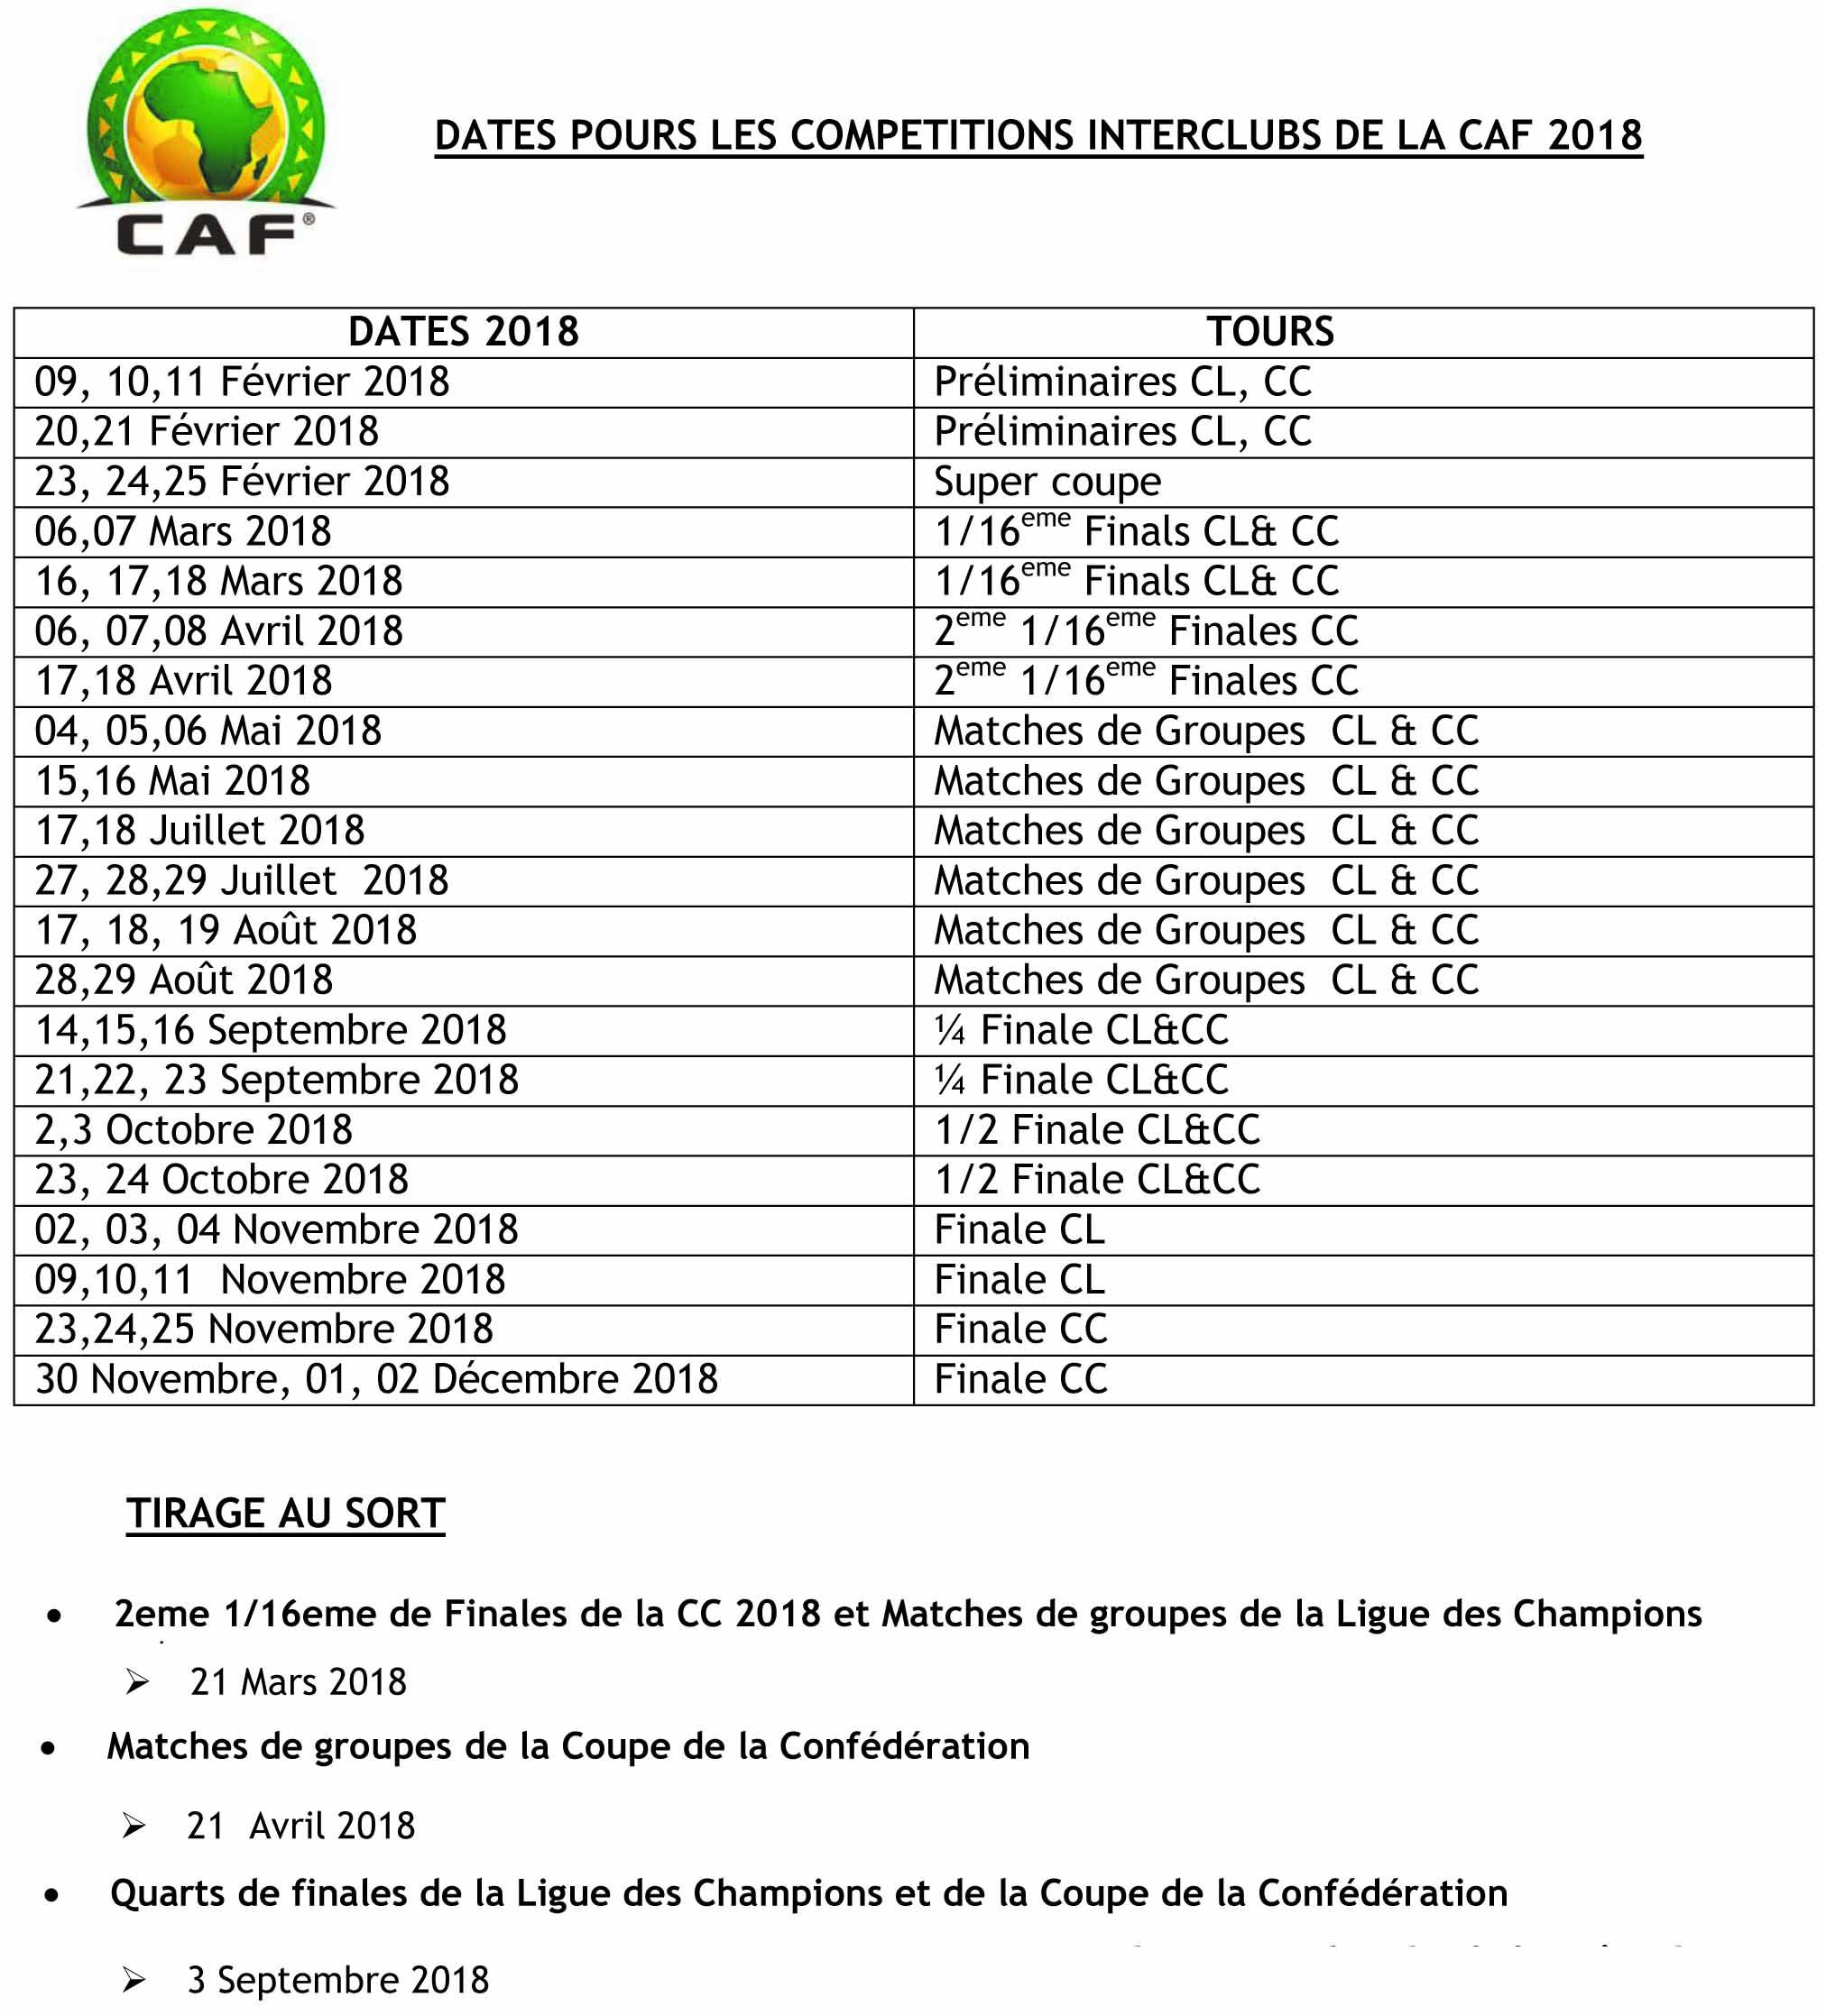 La CAF revoit le calendrier des concours interclubs